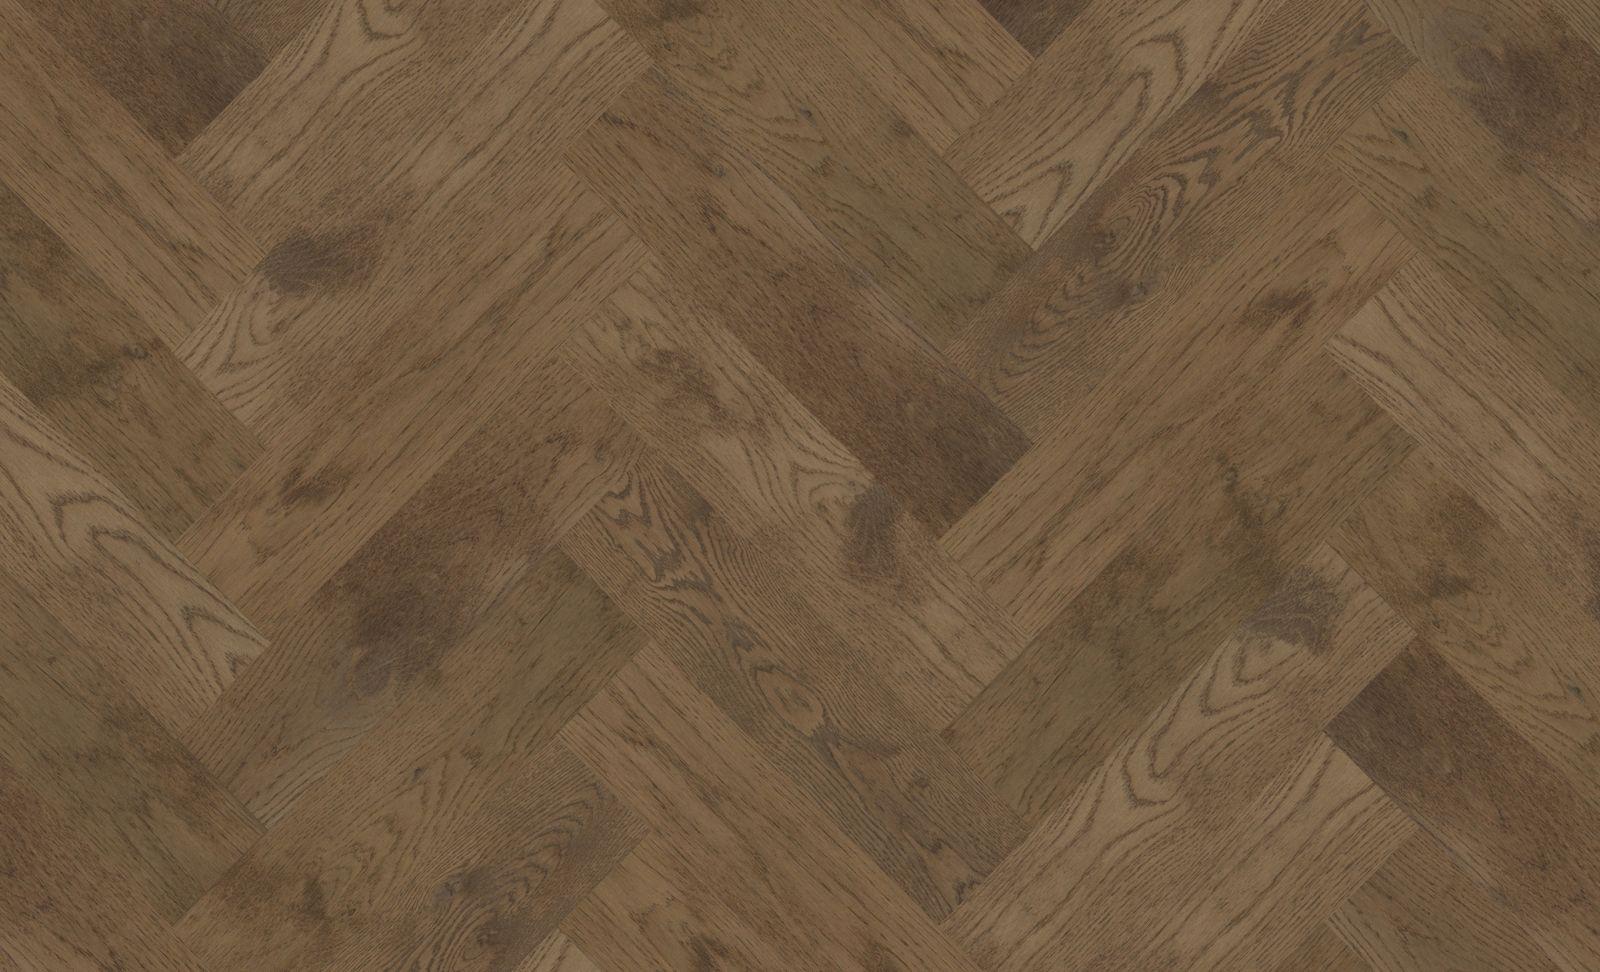 Mercier Wood Flooring White Oak Whisper WHTKWHSPR